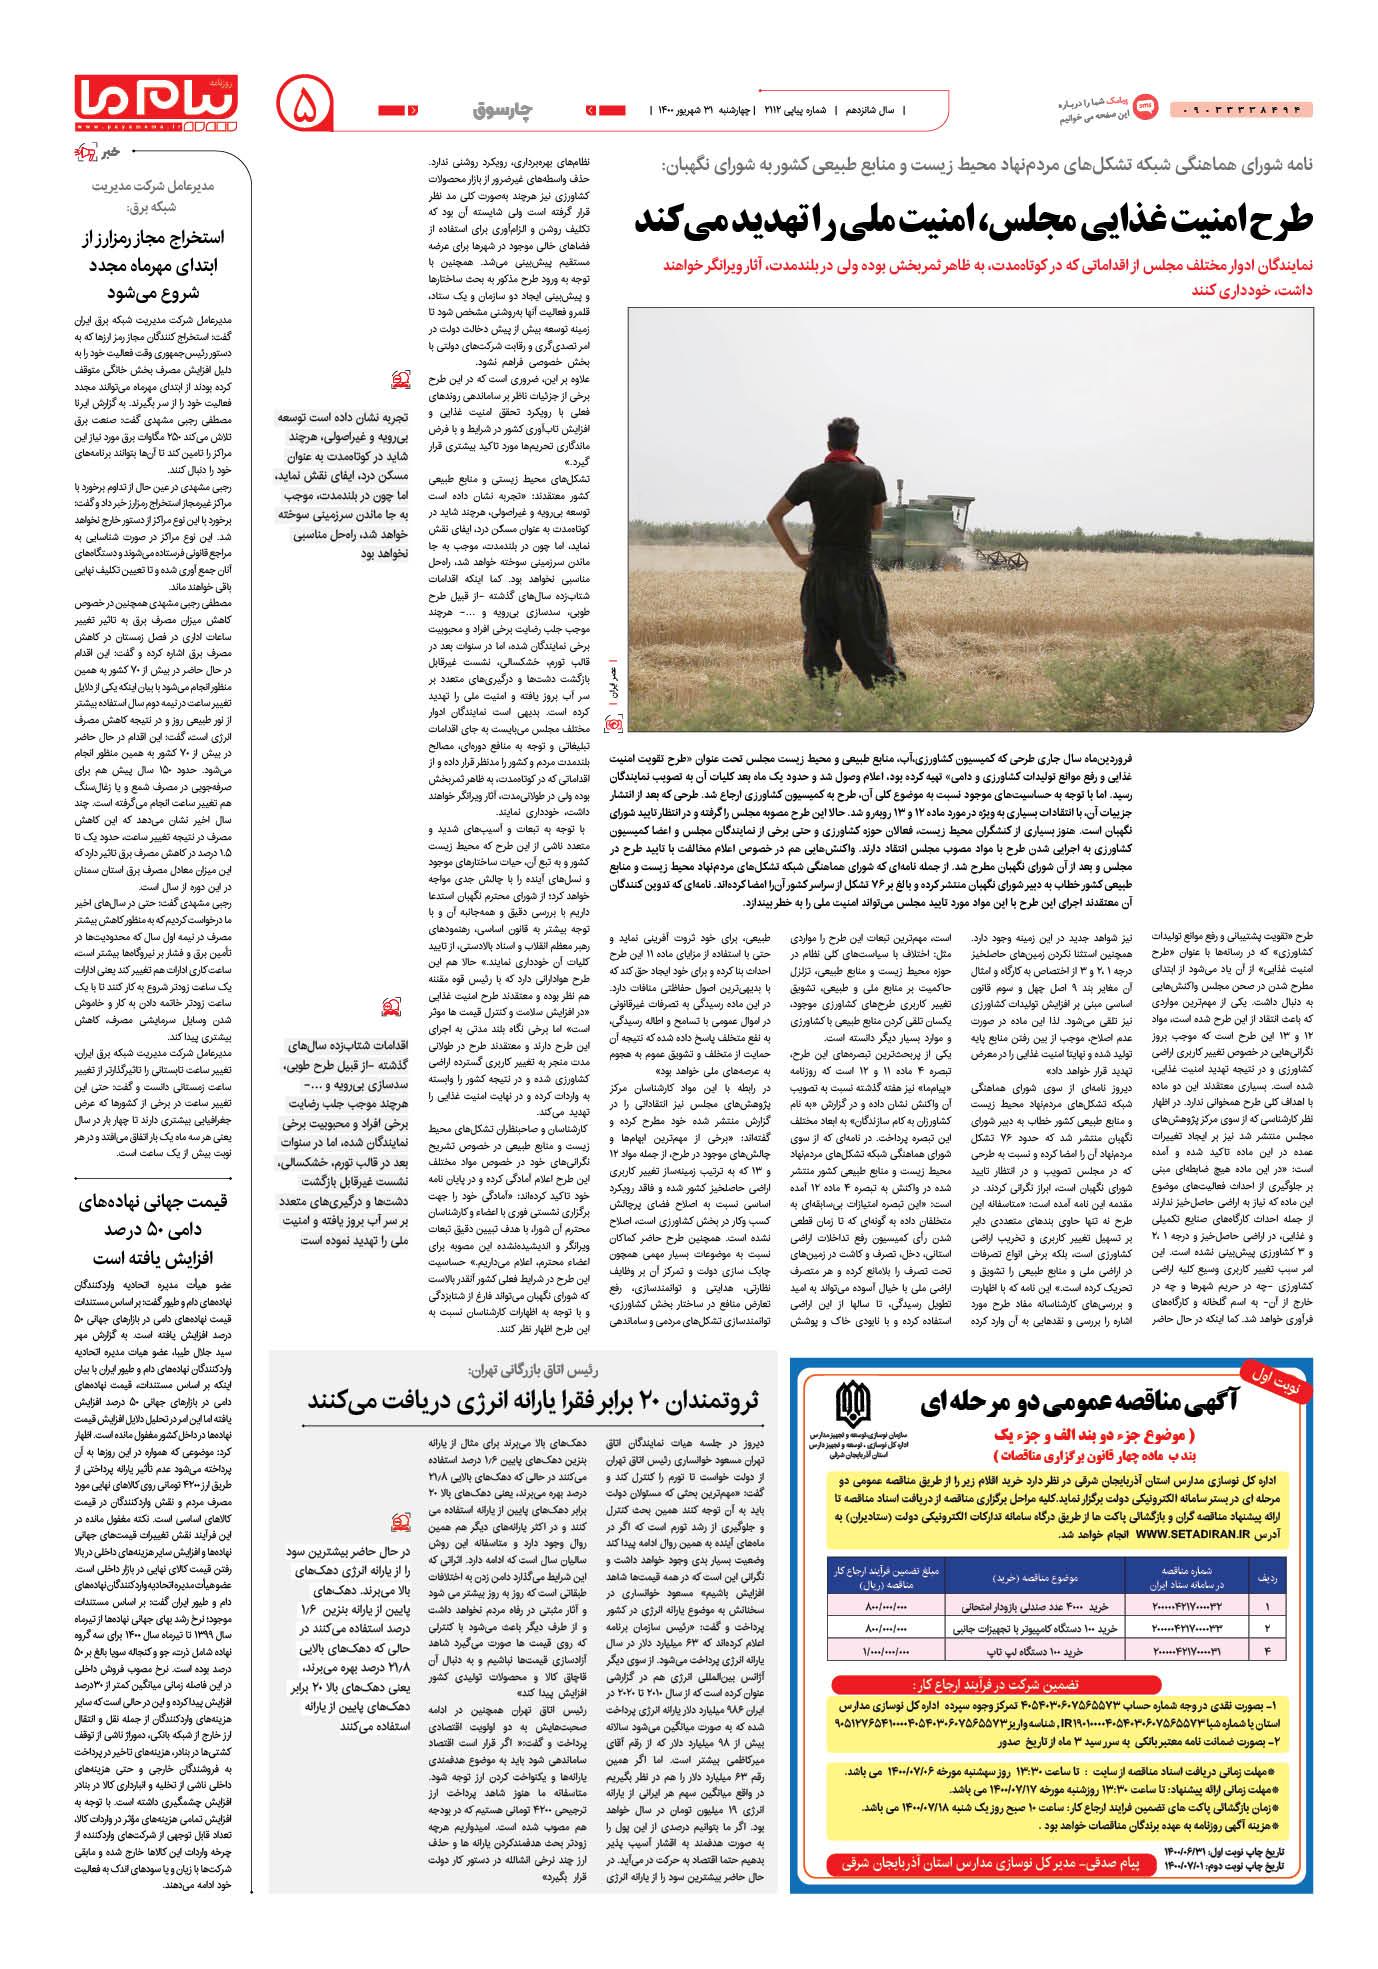 صفحه چارسوق شماره 2112 روزنامه پیام ما